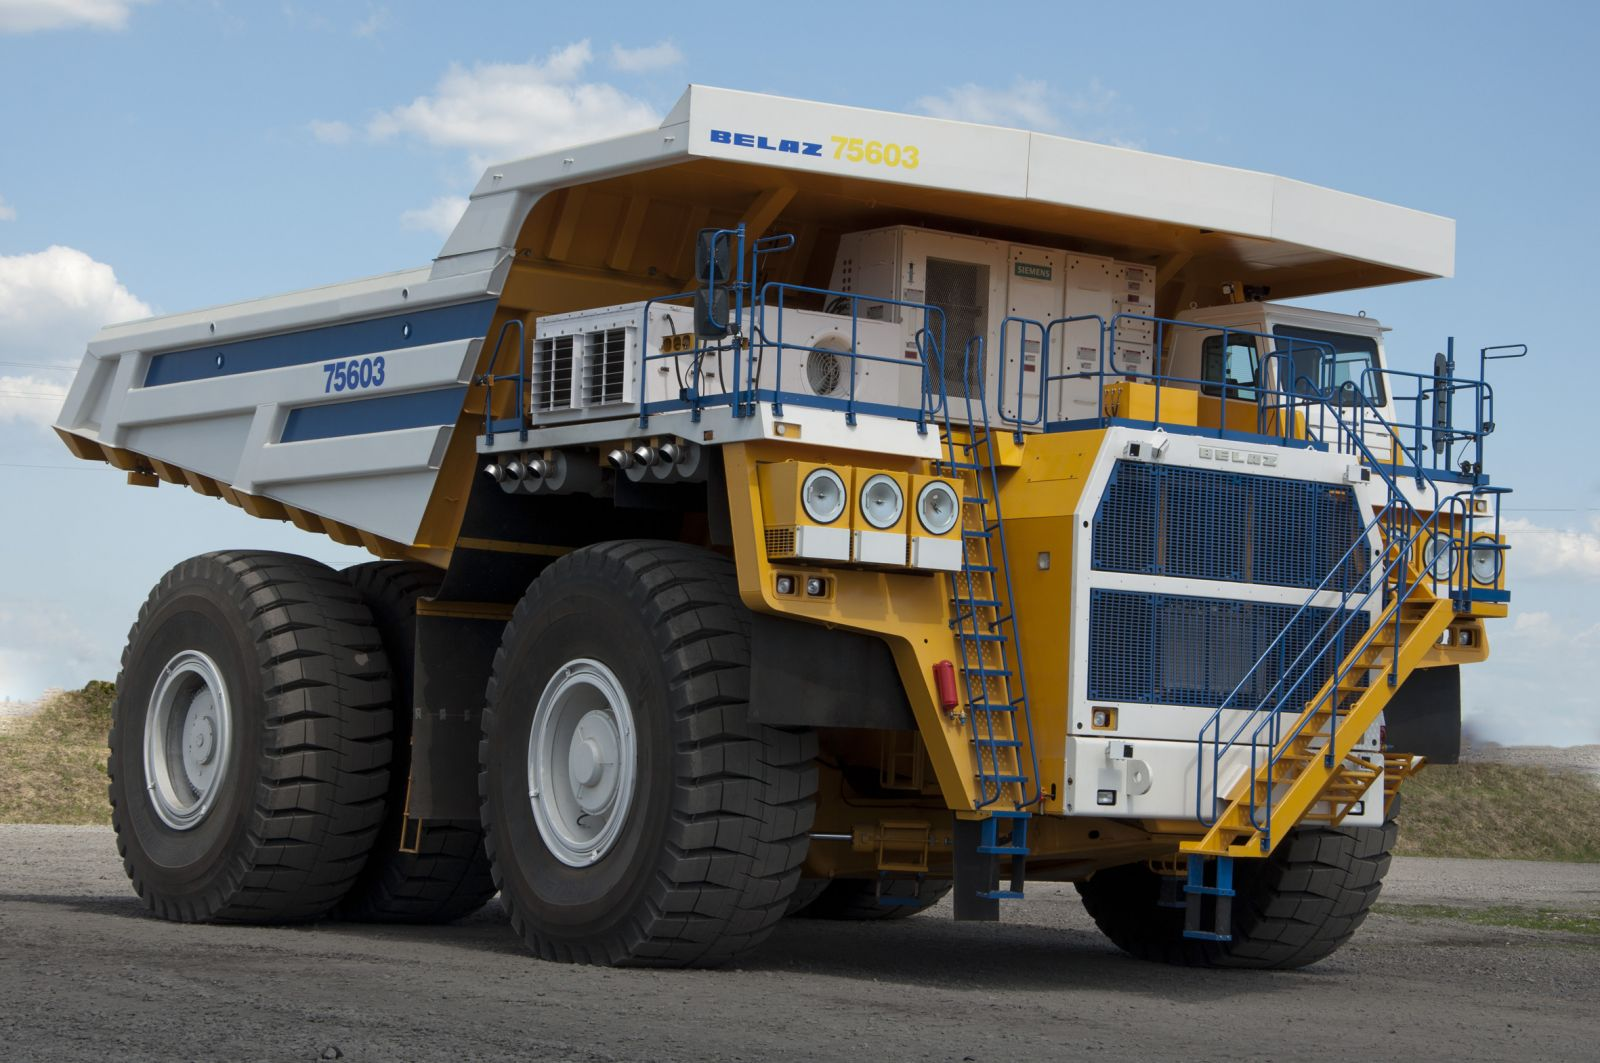 Mt6300ac mining trucks